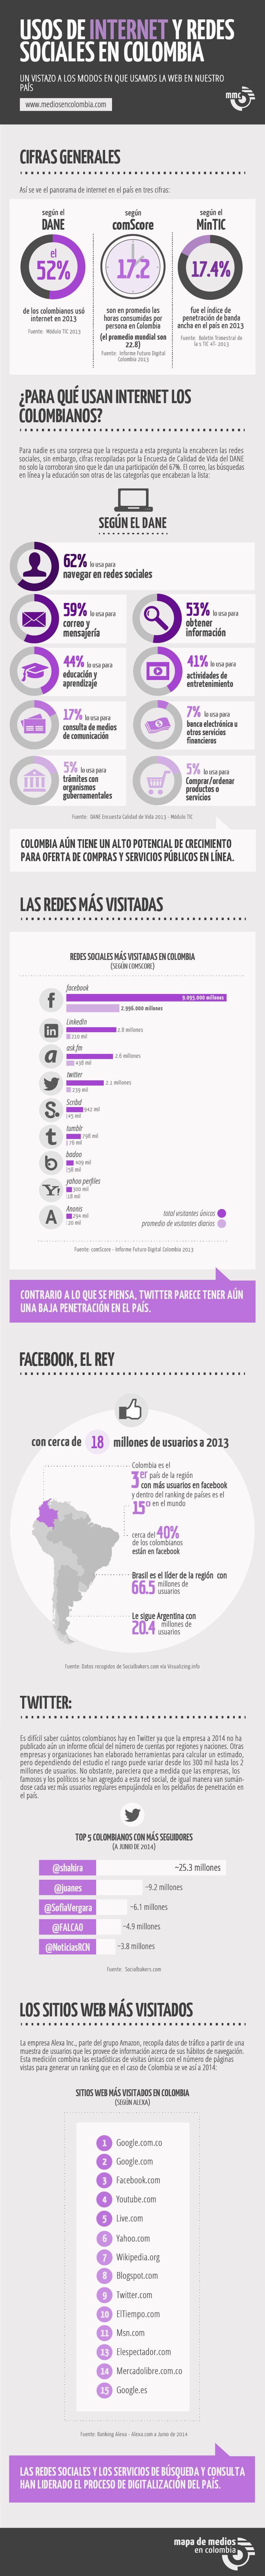 Usos de internet y redes sociales en Colombia (Infografia)